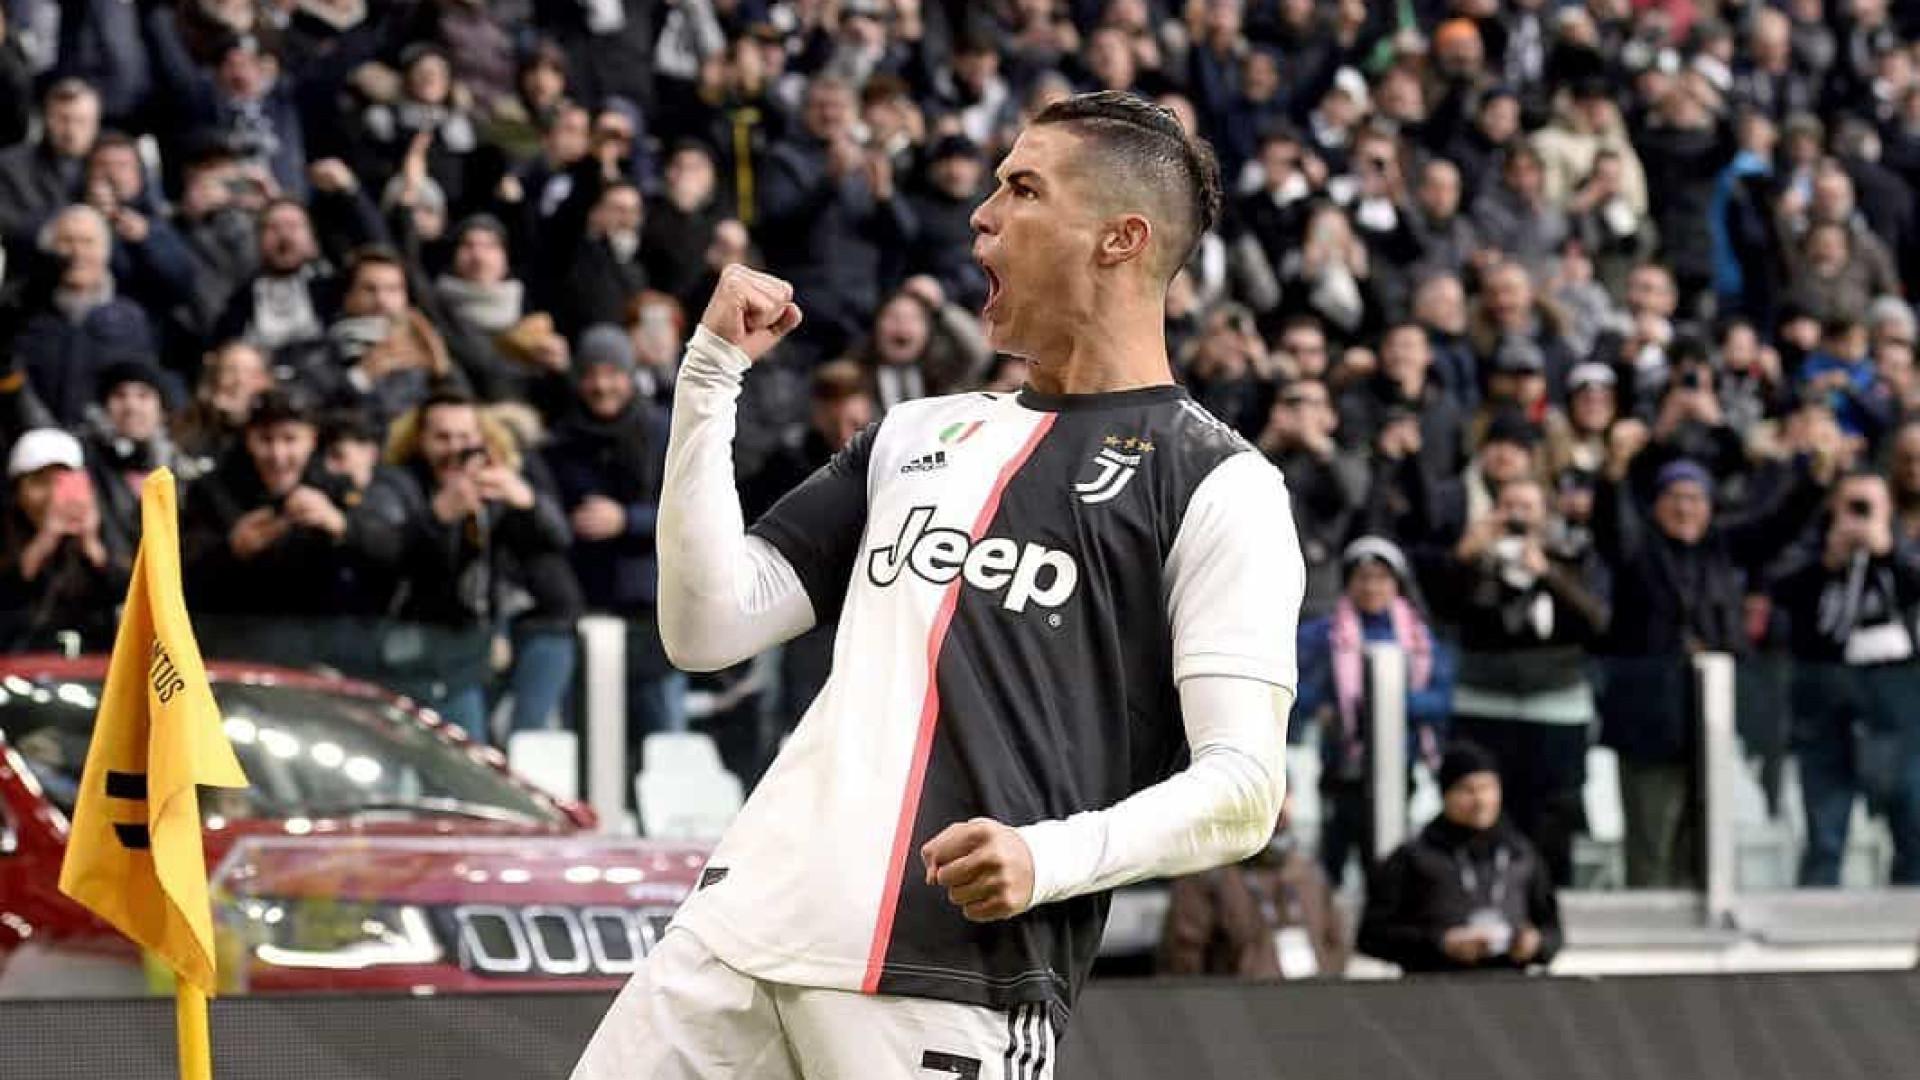 Empresário garante que Cristiano Ronaldo seguirá jogando na Juventus até 2022